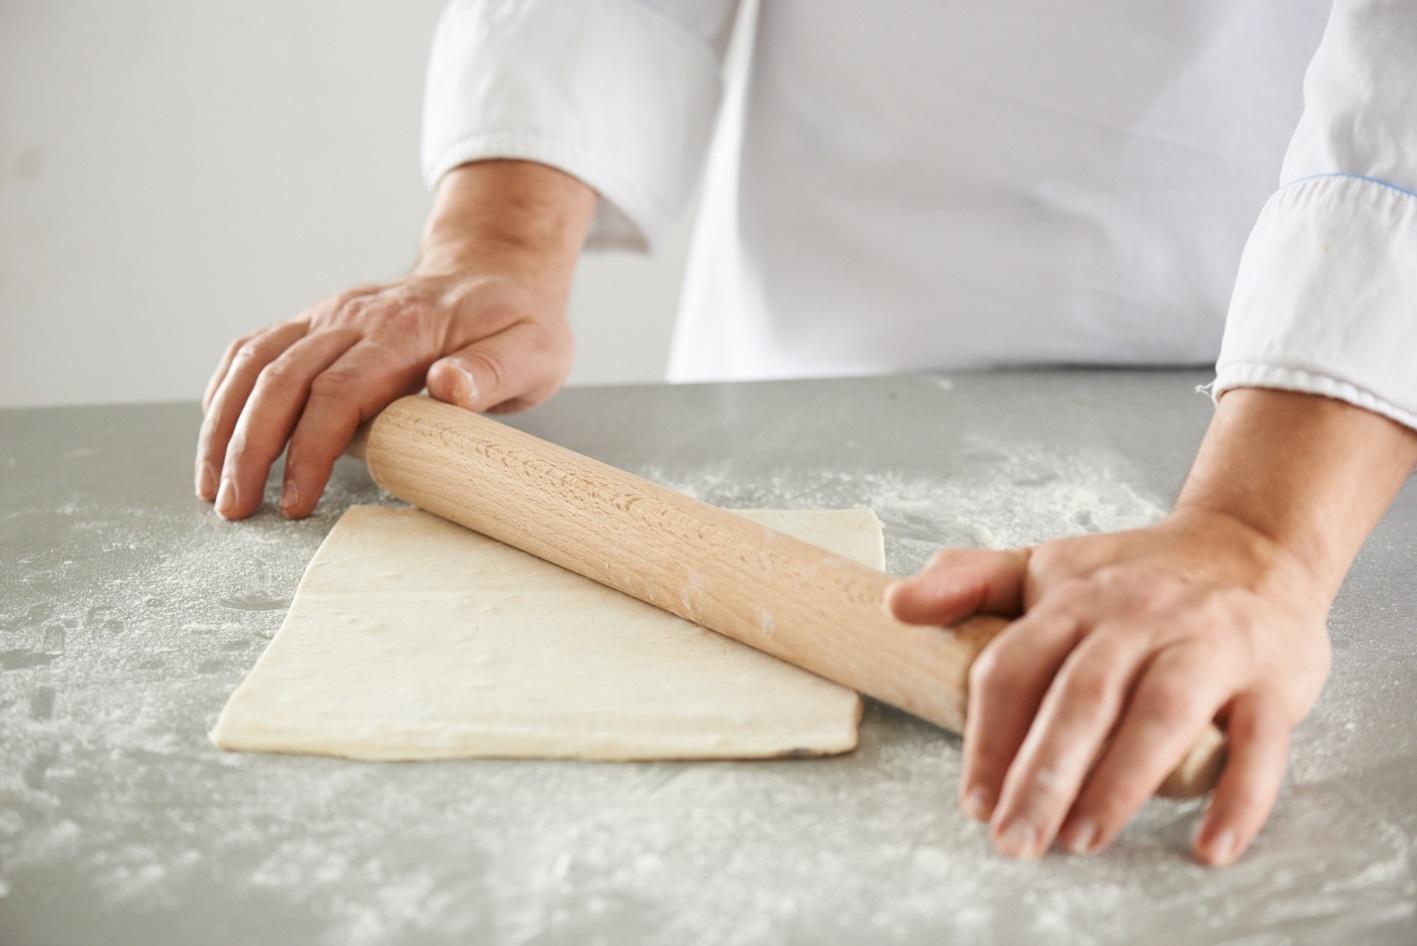 слоеное тесто раскатывается скалкой